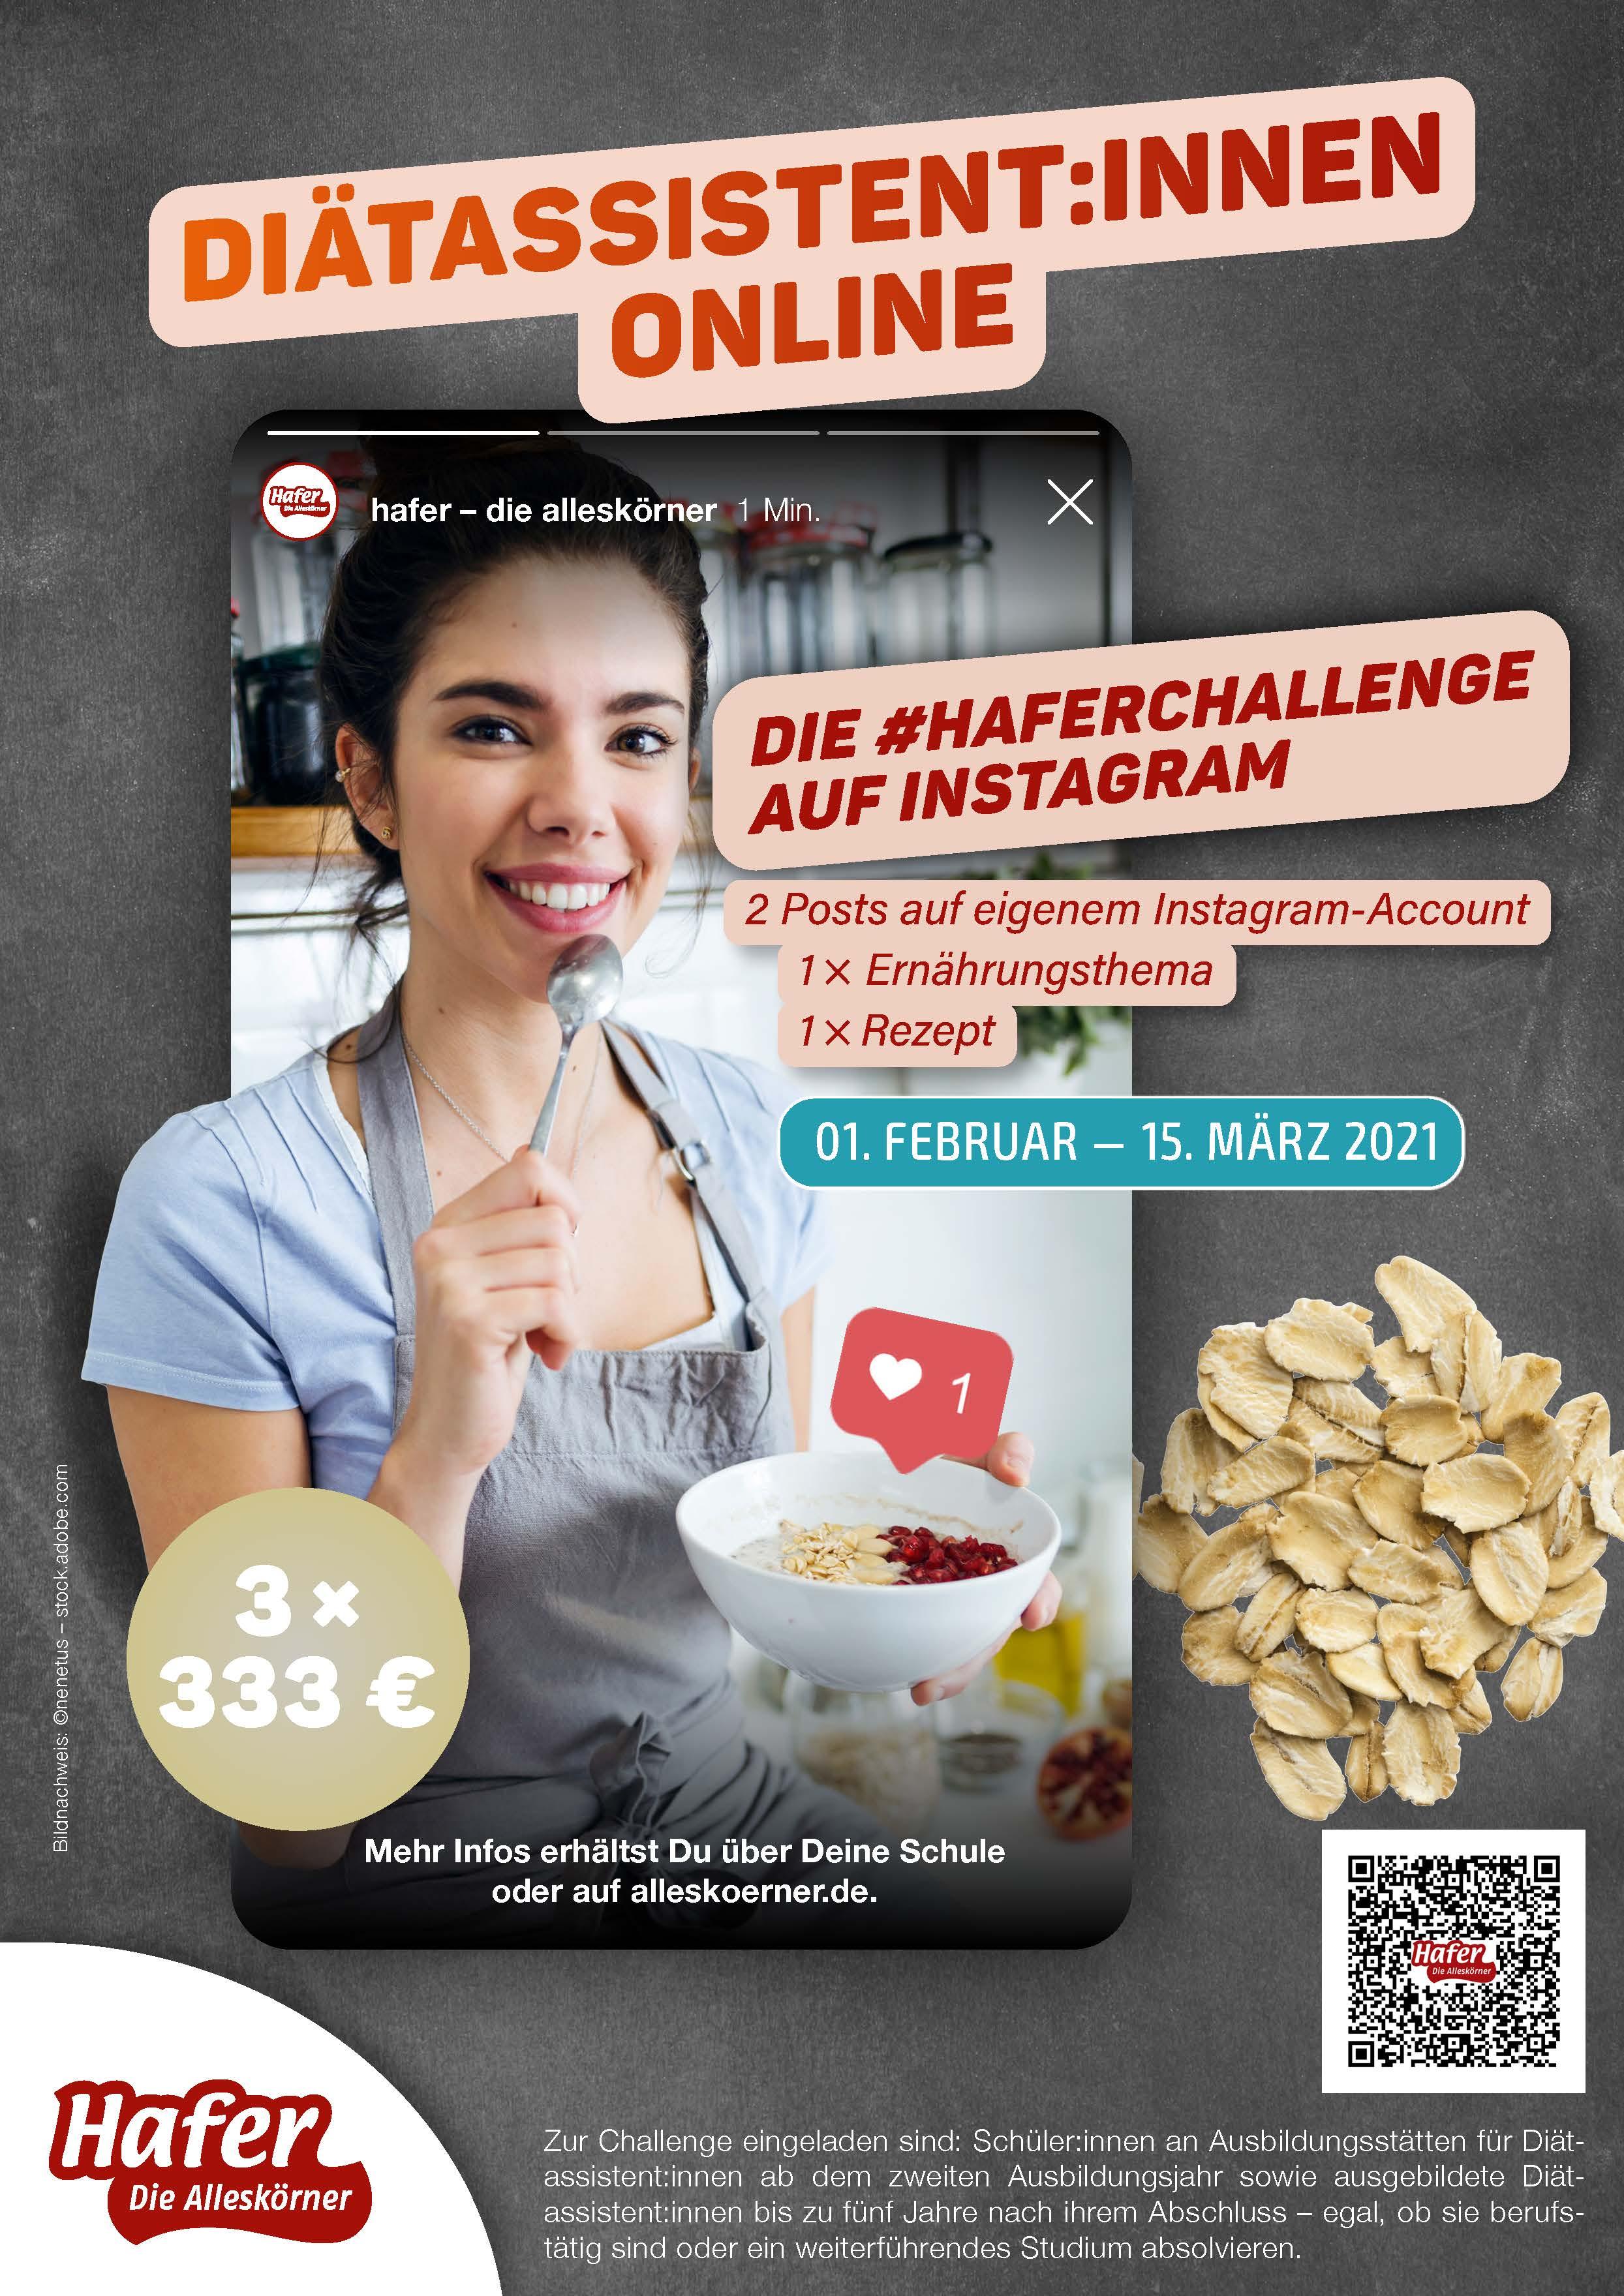 Insta-Challenge_2021_Plakat_201126.jpg